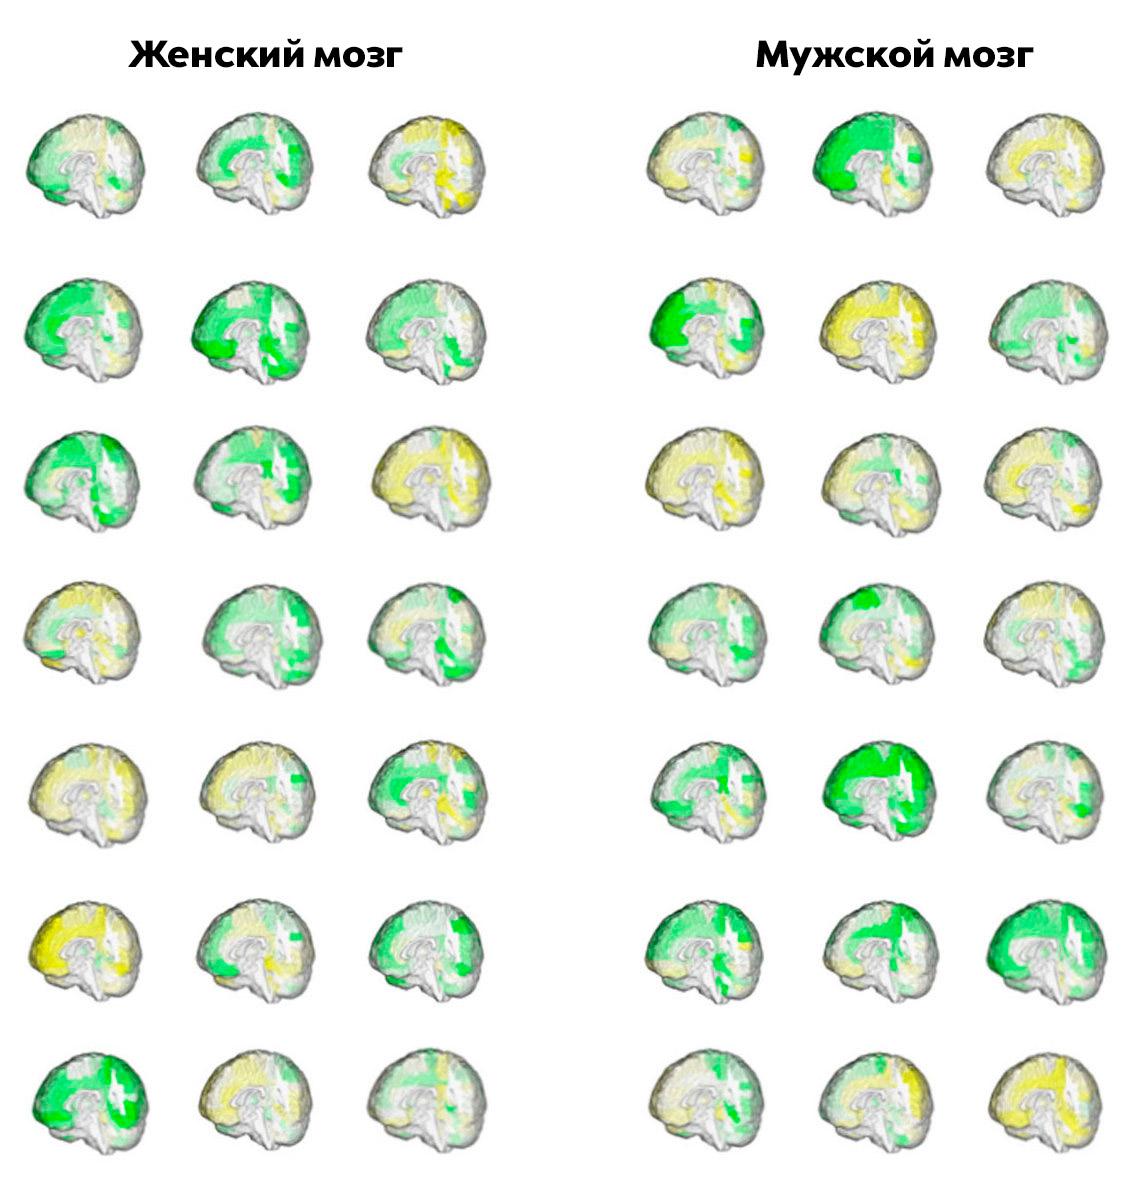 Неттакого понятия, как «мужской» и«женский» мозг